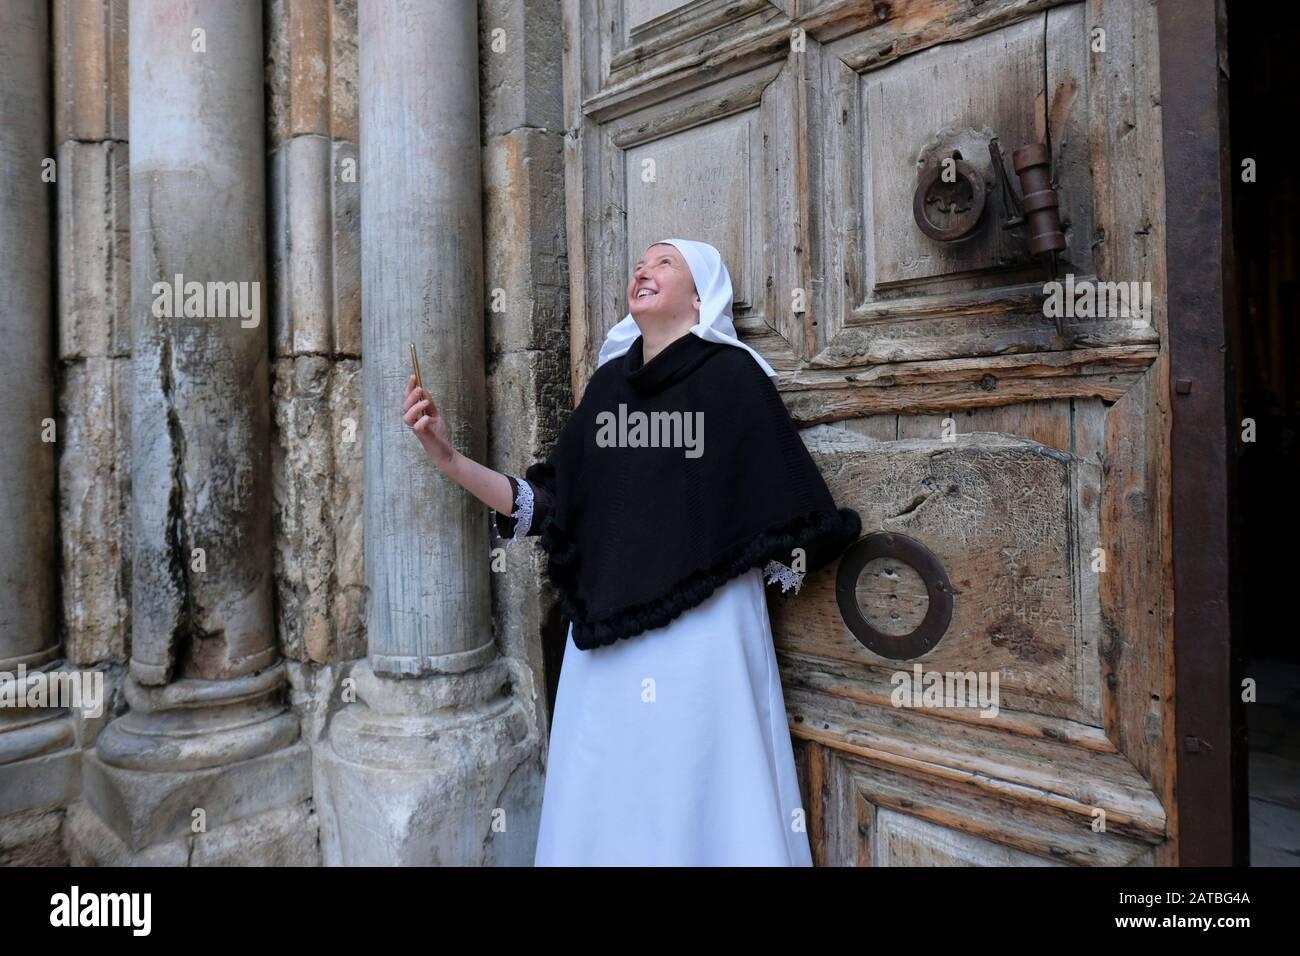 Un pellegrino ortodosso russo che prende il selfie all'ingresso della Chiesa del Santo Sepolcro nel quartiere cristiano della città vecchia Gerusalemme Est Israele Foto Stock